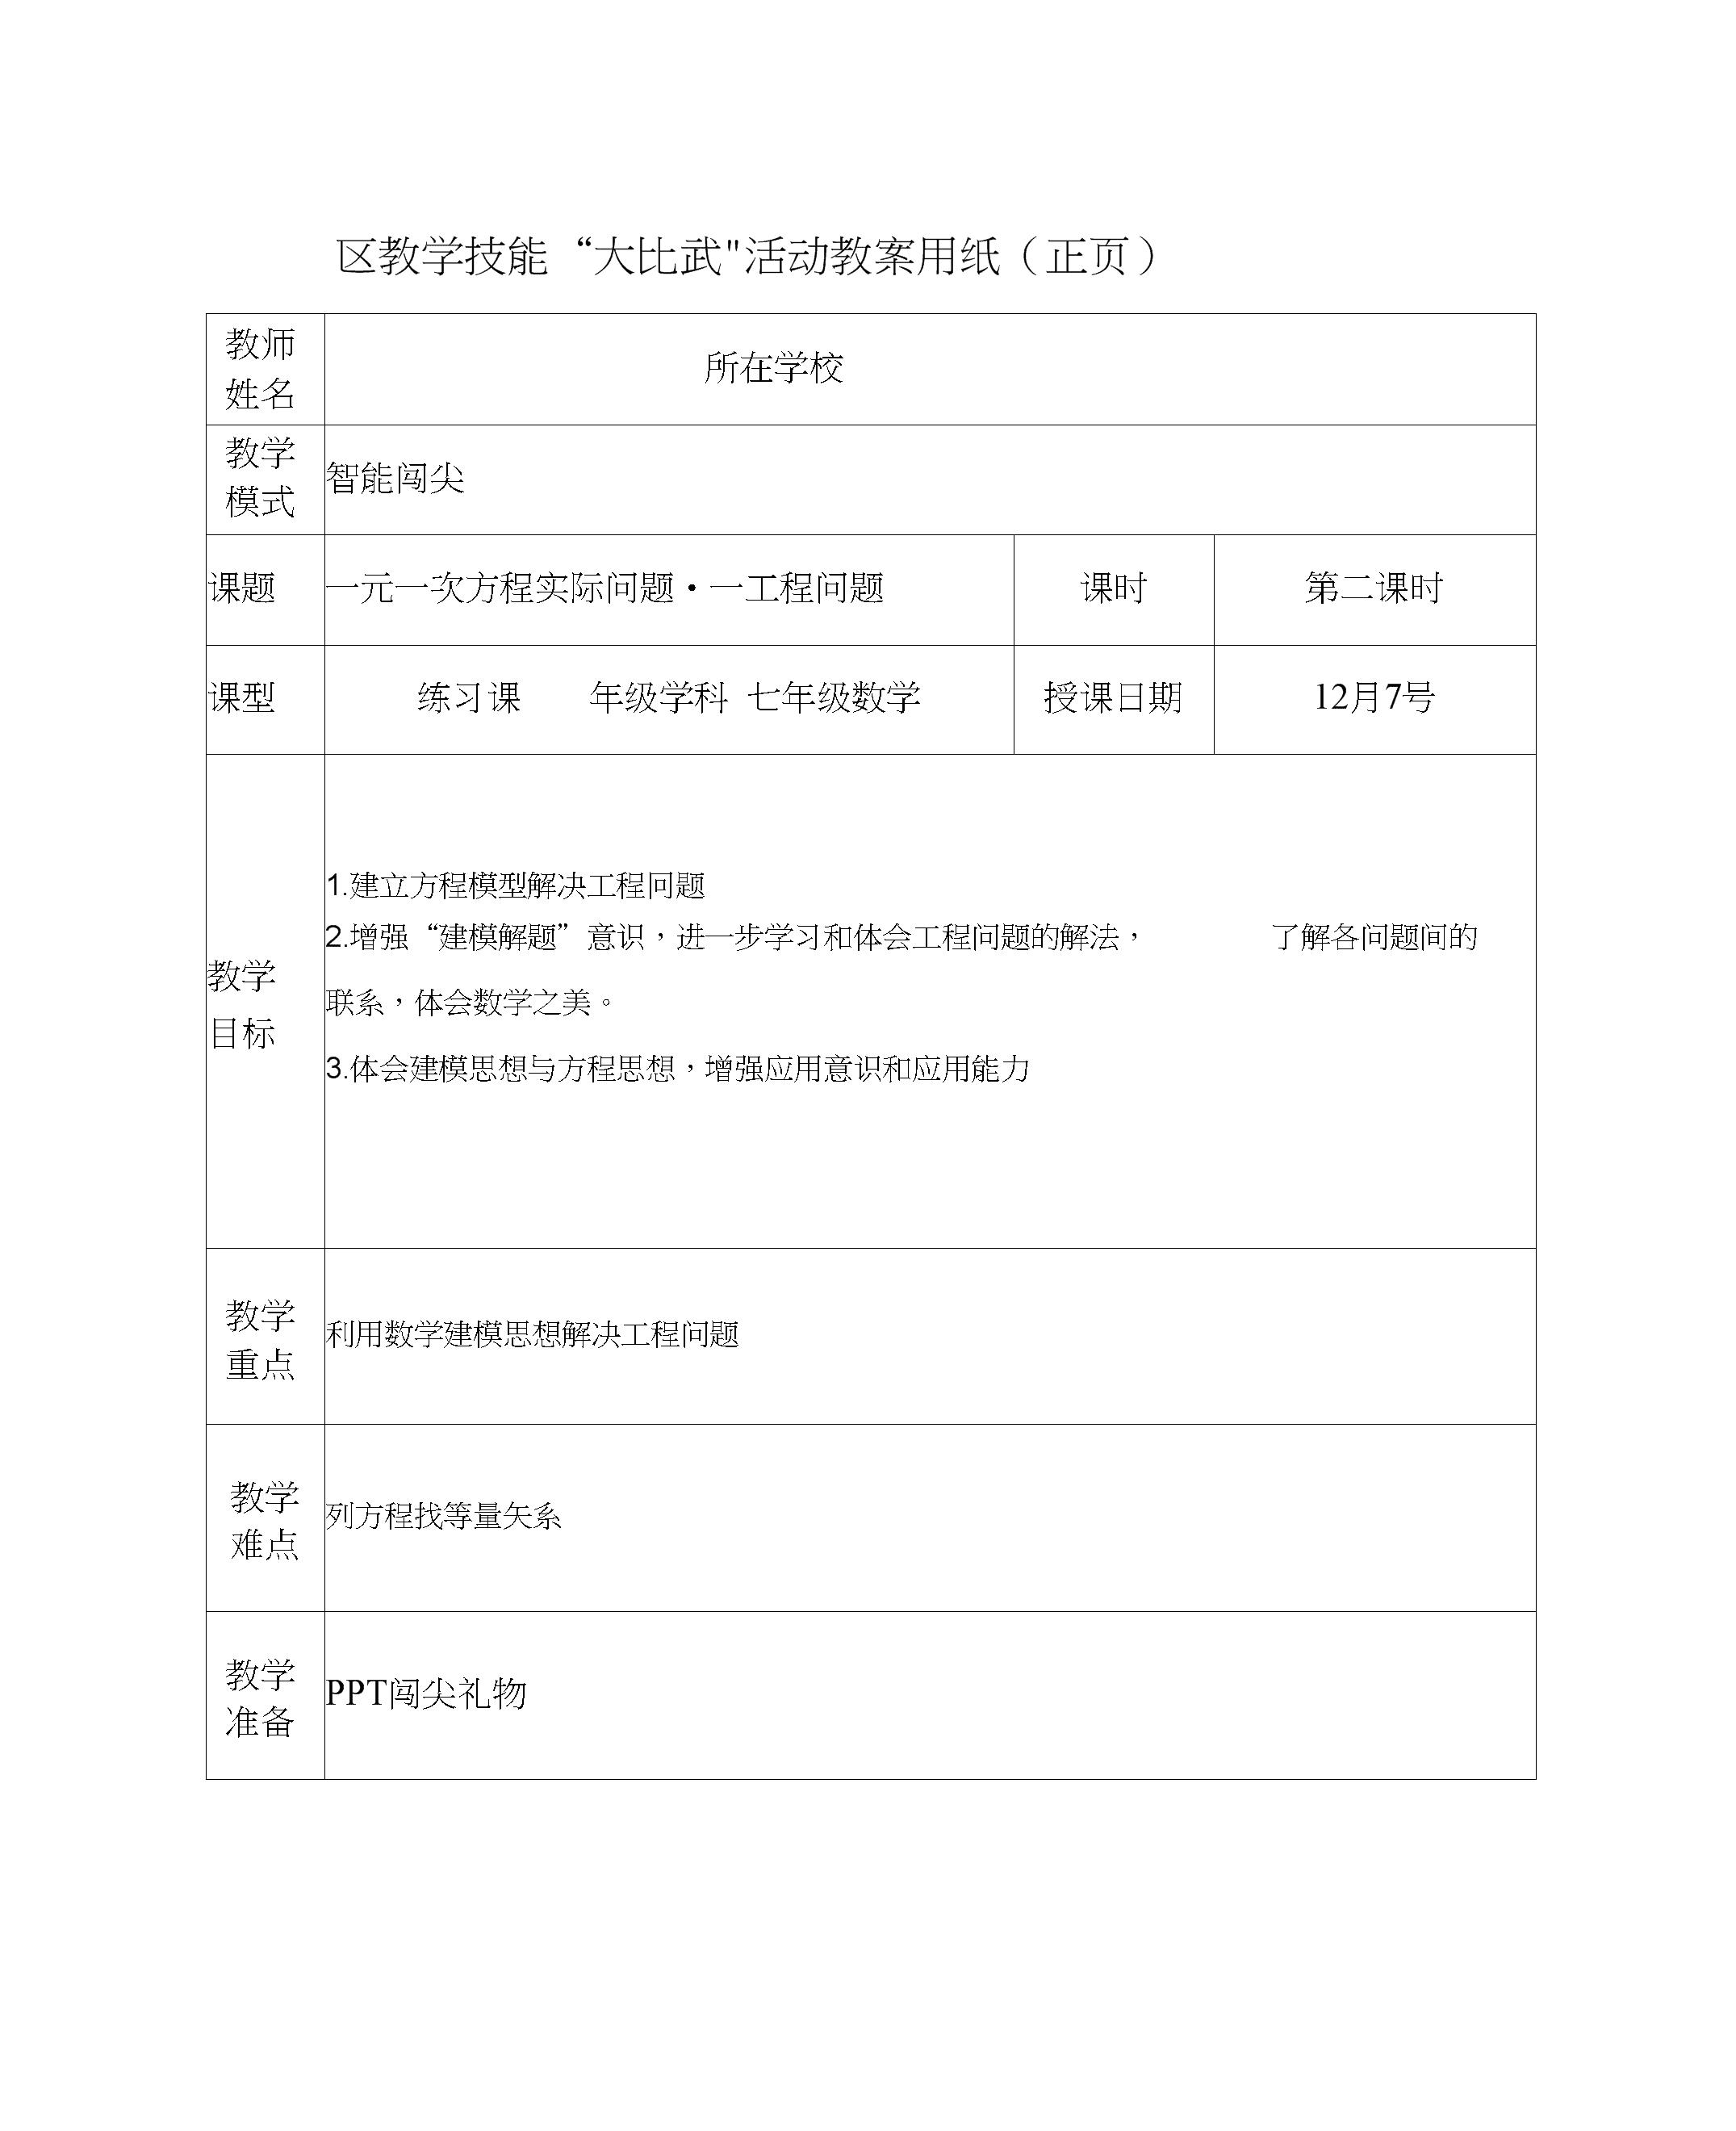 工程问题舒兰市第五中学孙娜.docx